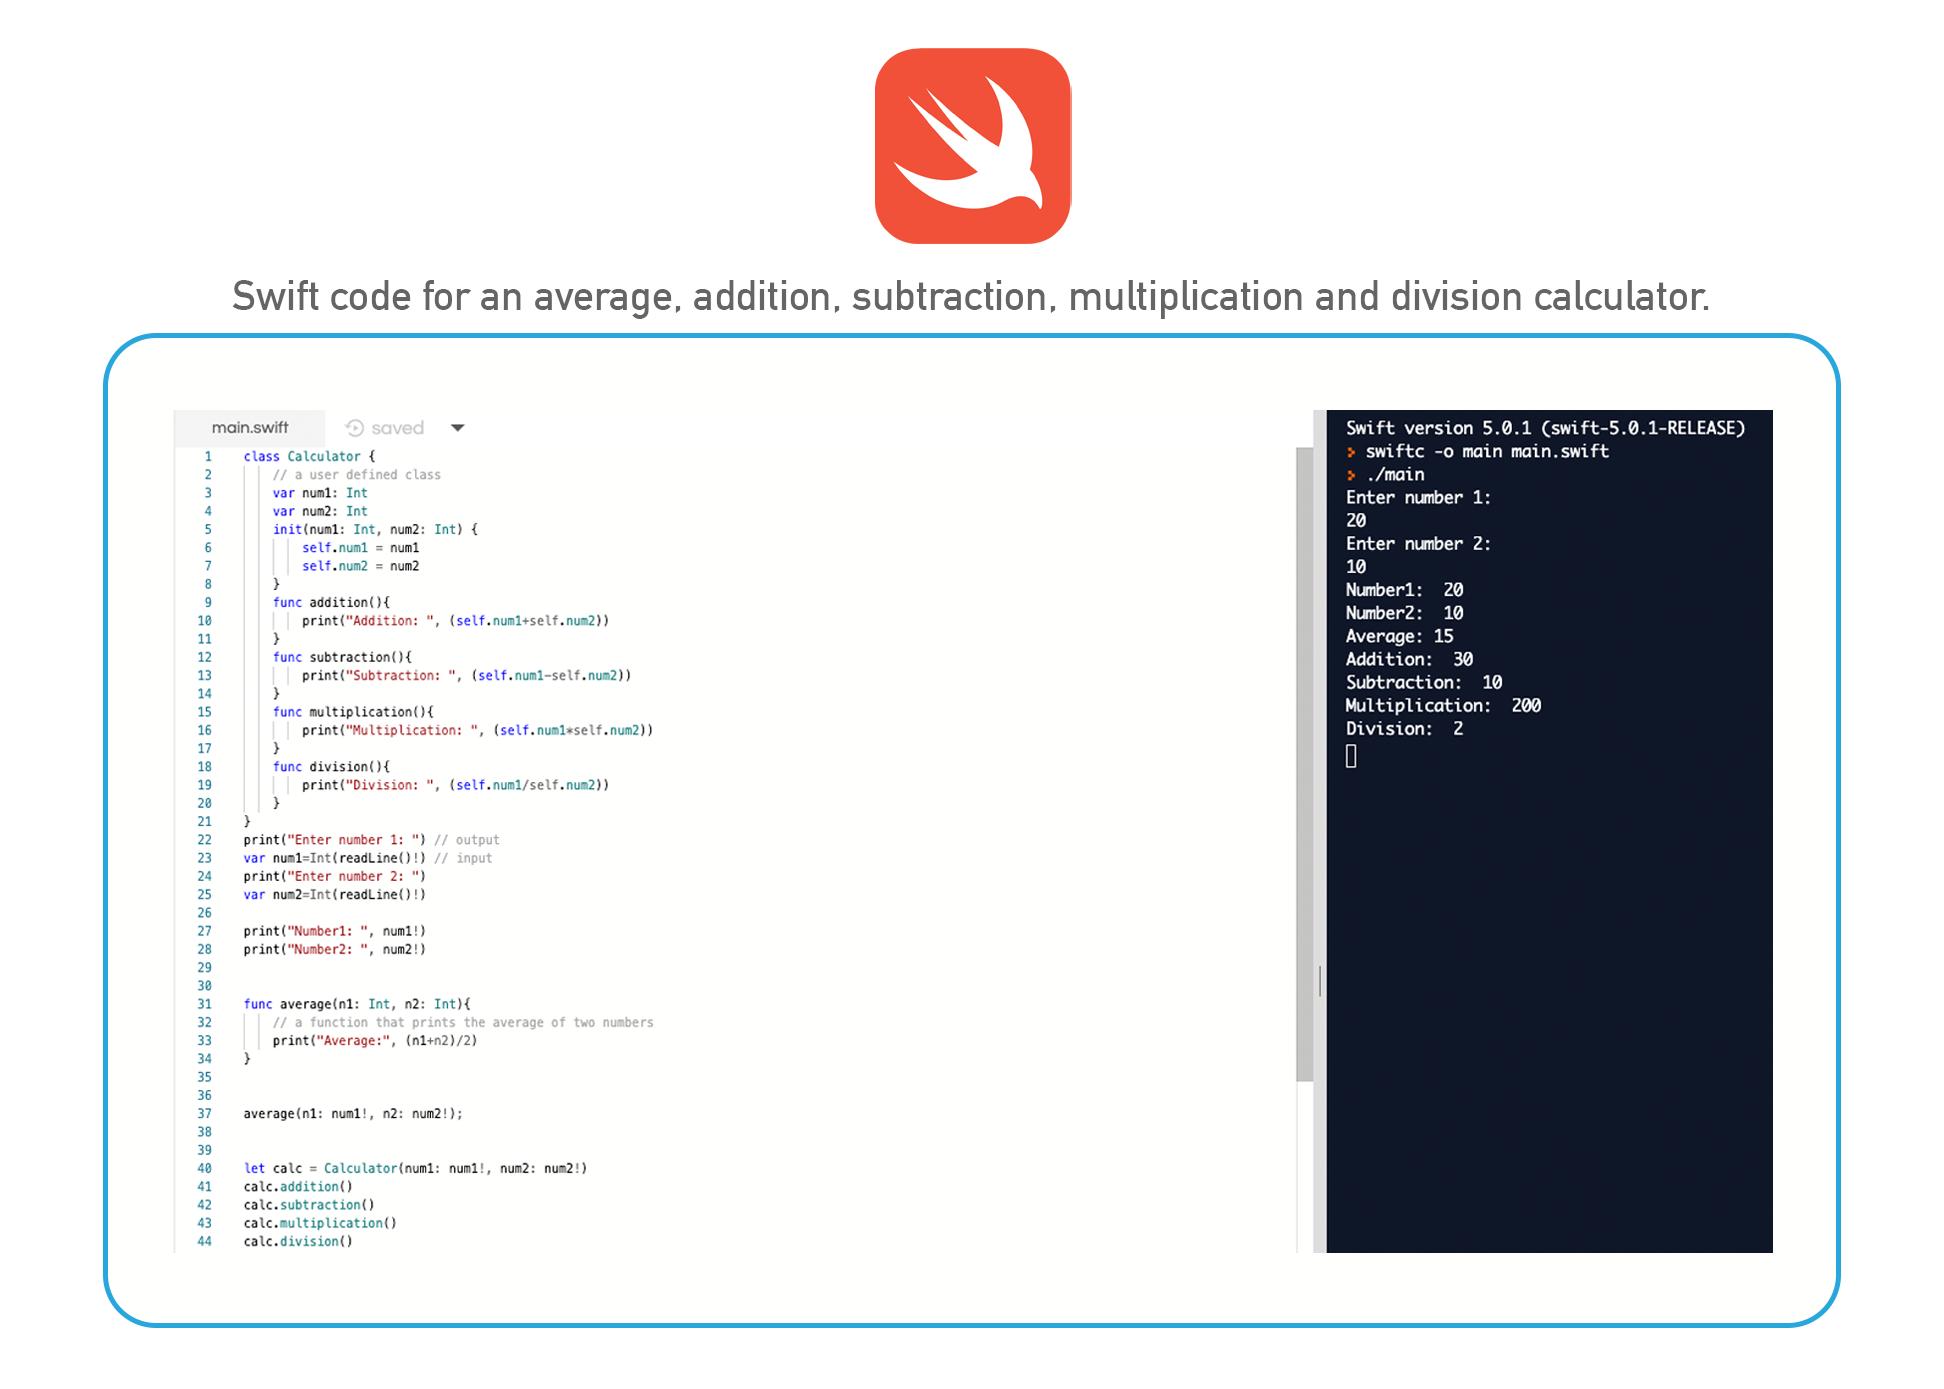 Swift coding language